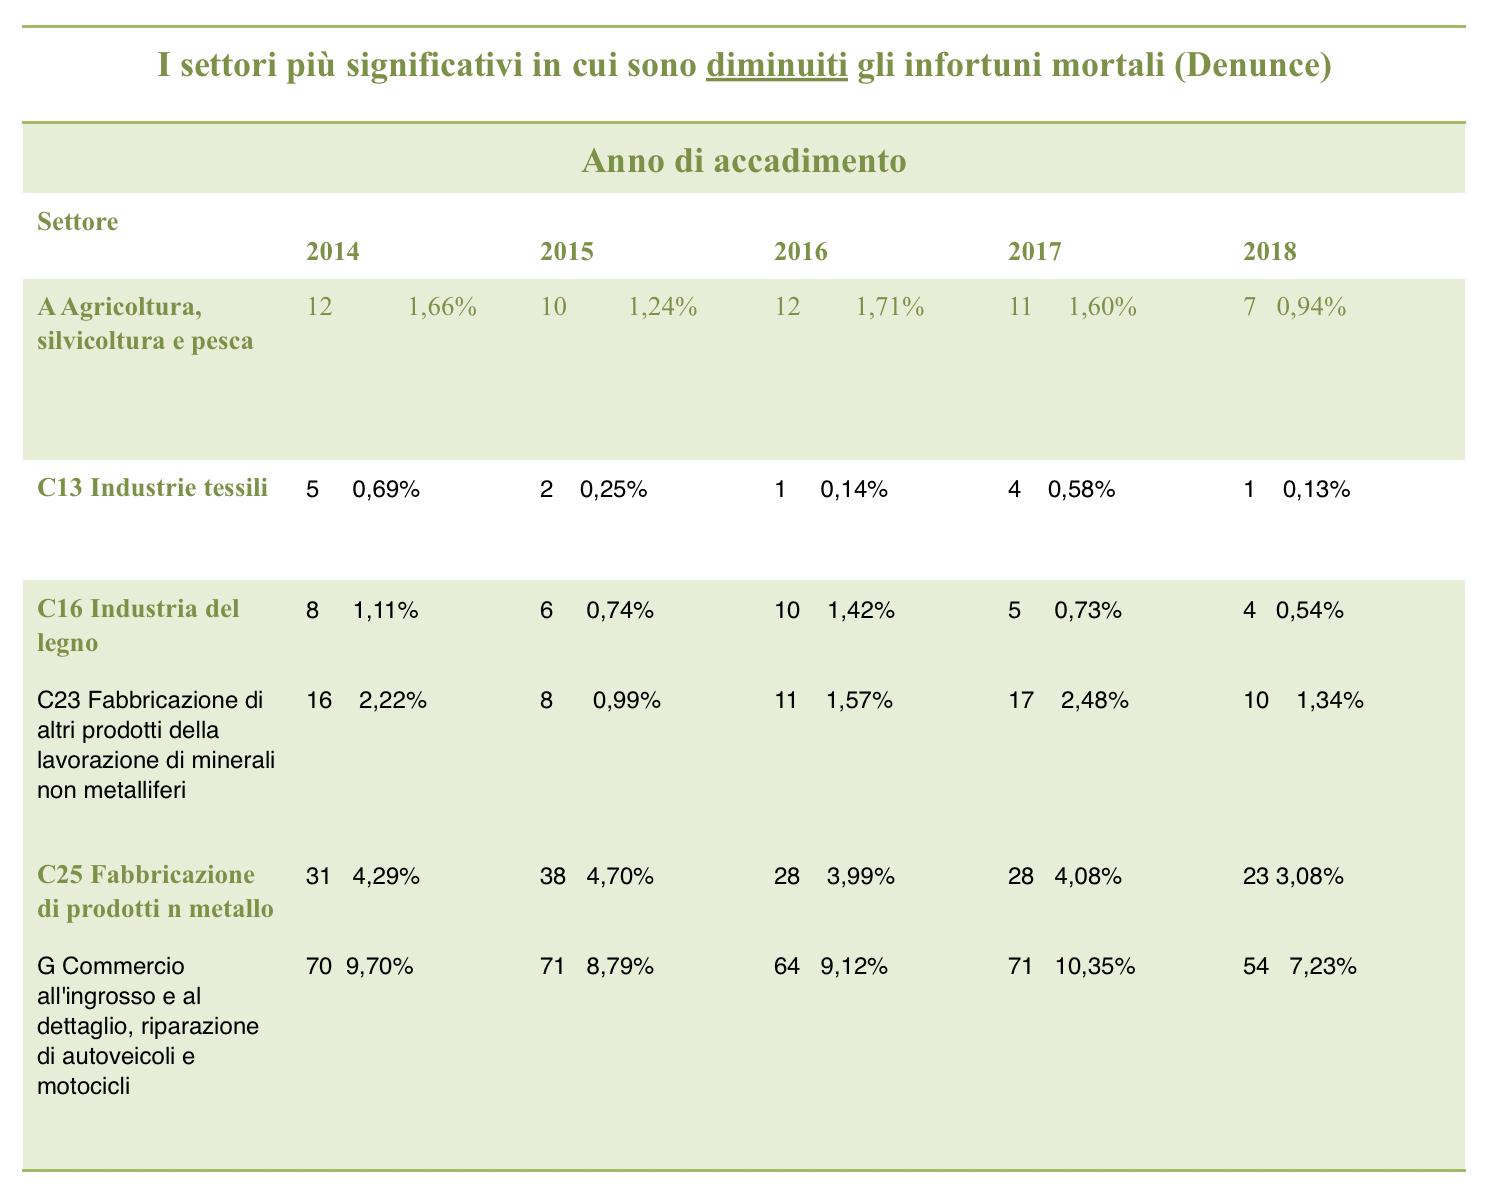 tabella riduzione infortuni relazione inail 2018